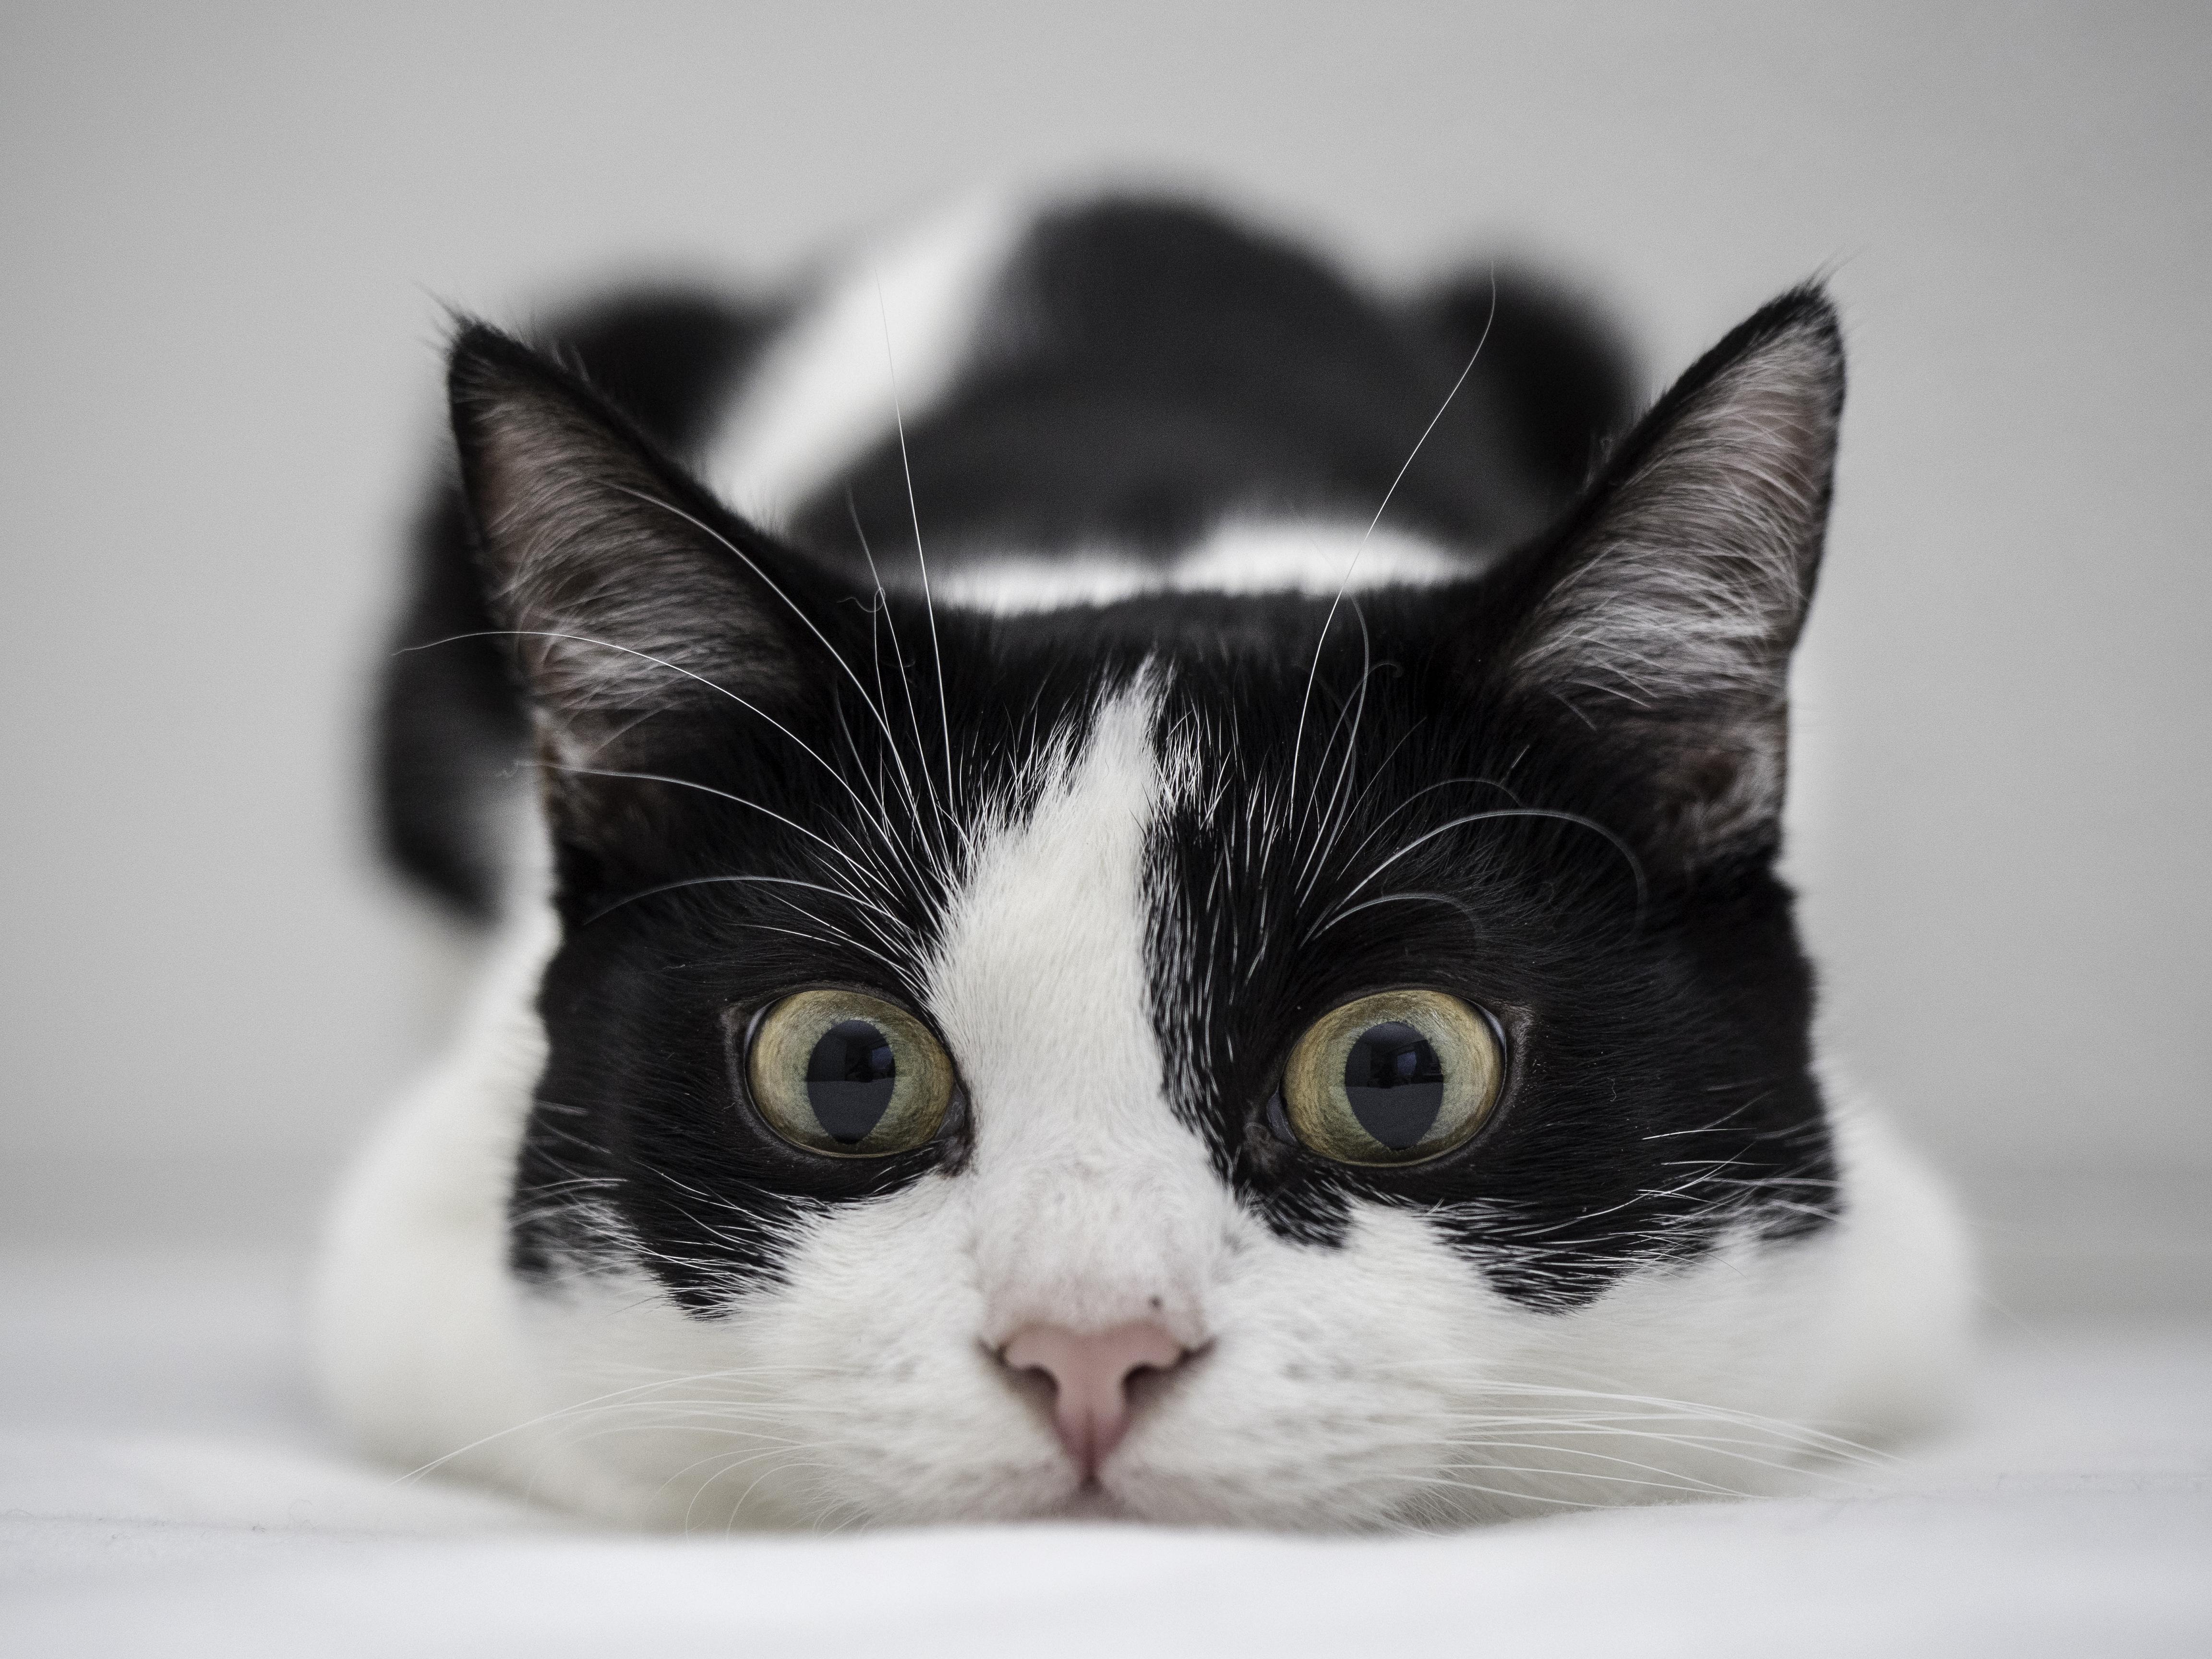 Un gato blanco y negro - 4608x3456